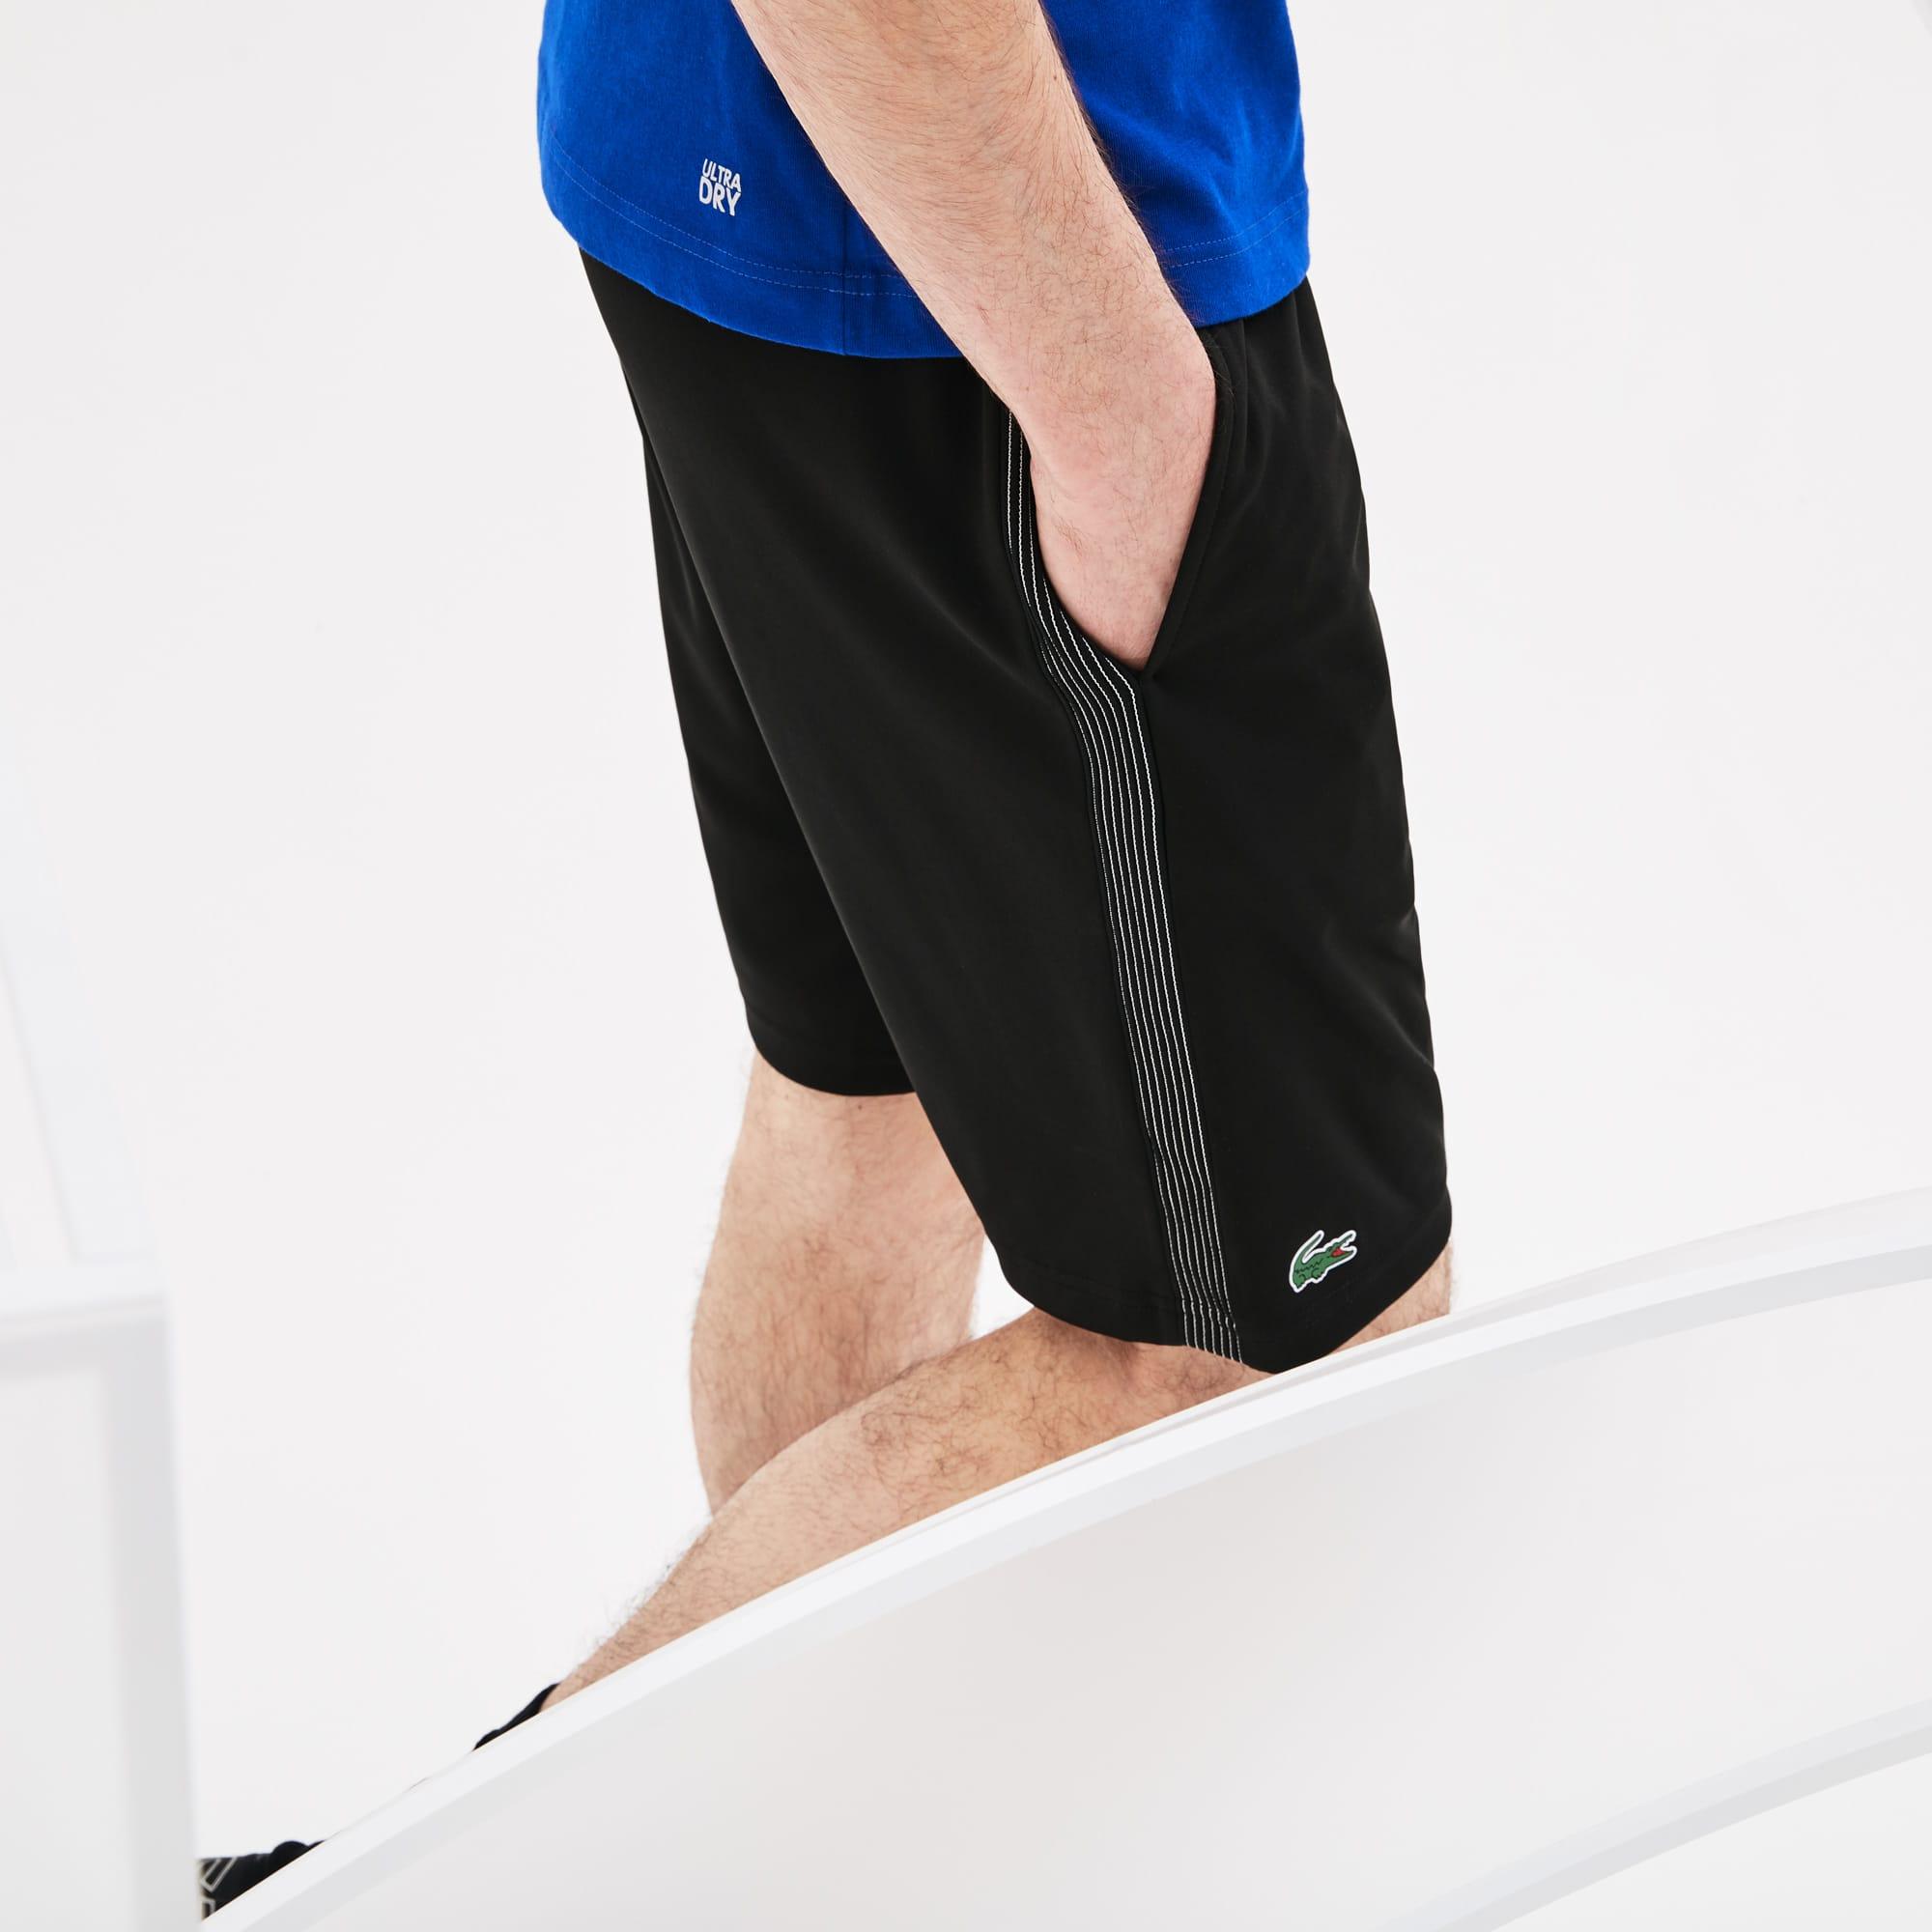 Pantaloncini Lacoste SPORT Collezione Novak Djokovic Support With Style - Off Court in piqué tecnico tinta unita